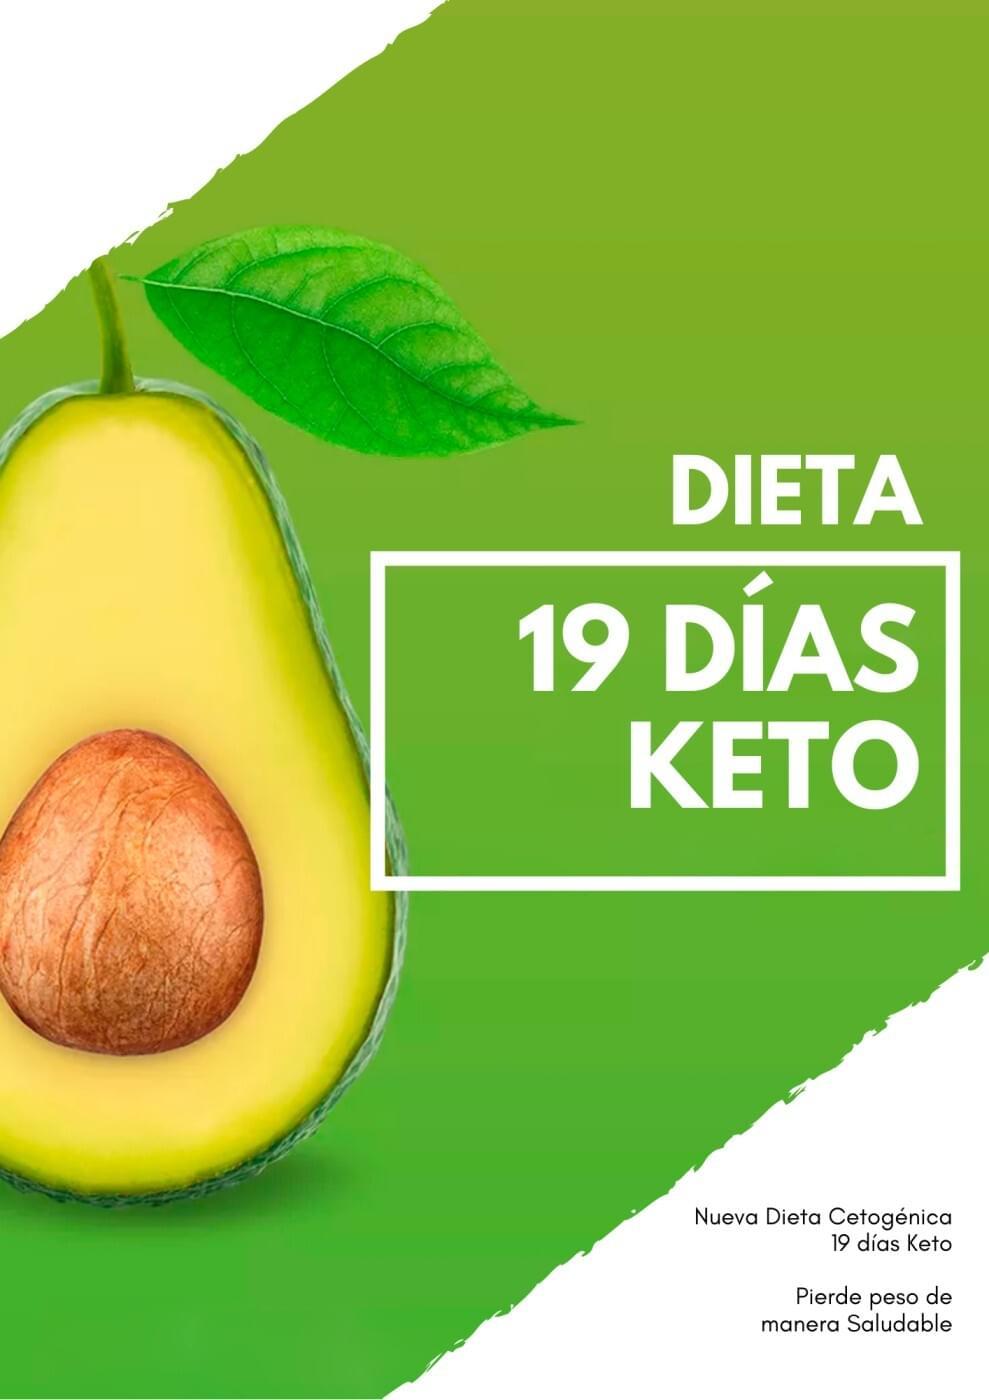 19 dias keto, dieta keto, dieta cetogenica, bajar de peso, perder peso, adelgazar, plan alimenticio, dieta de adele, dieta de famosos,